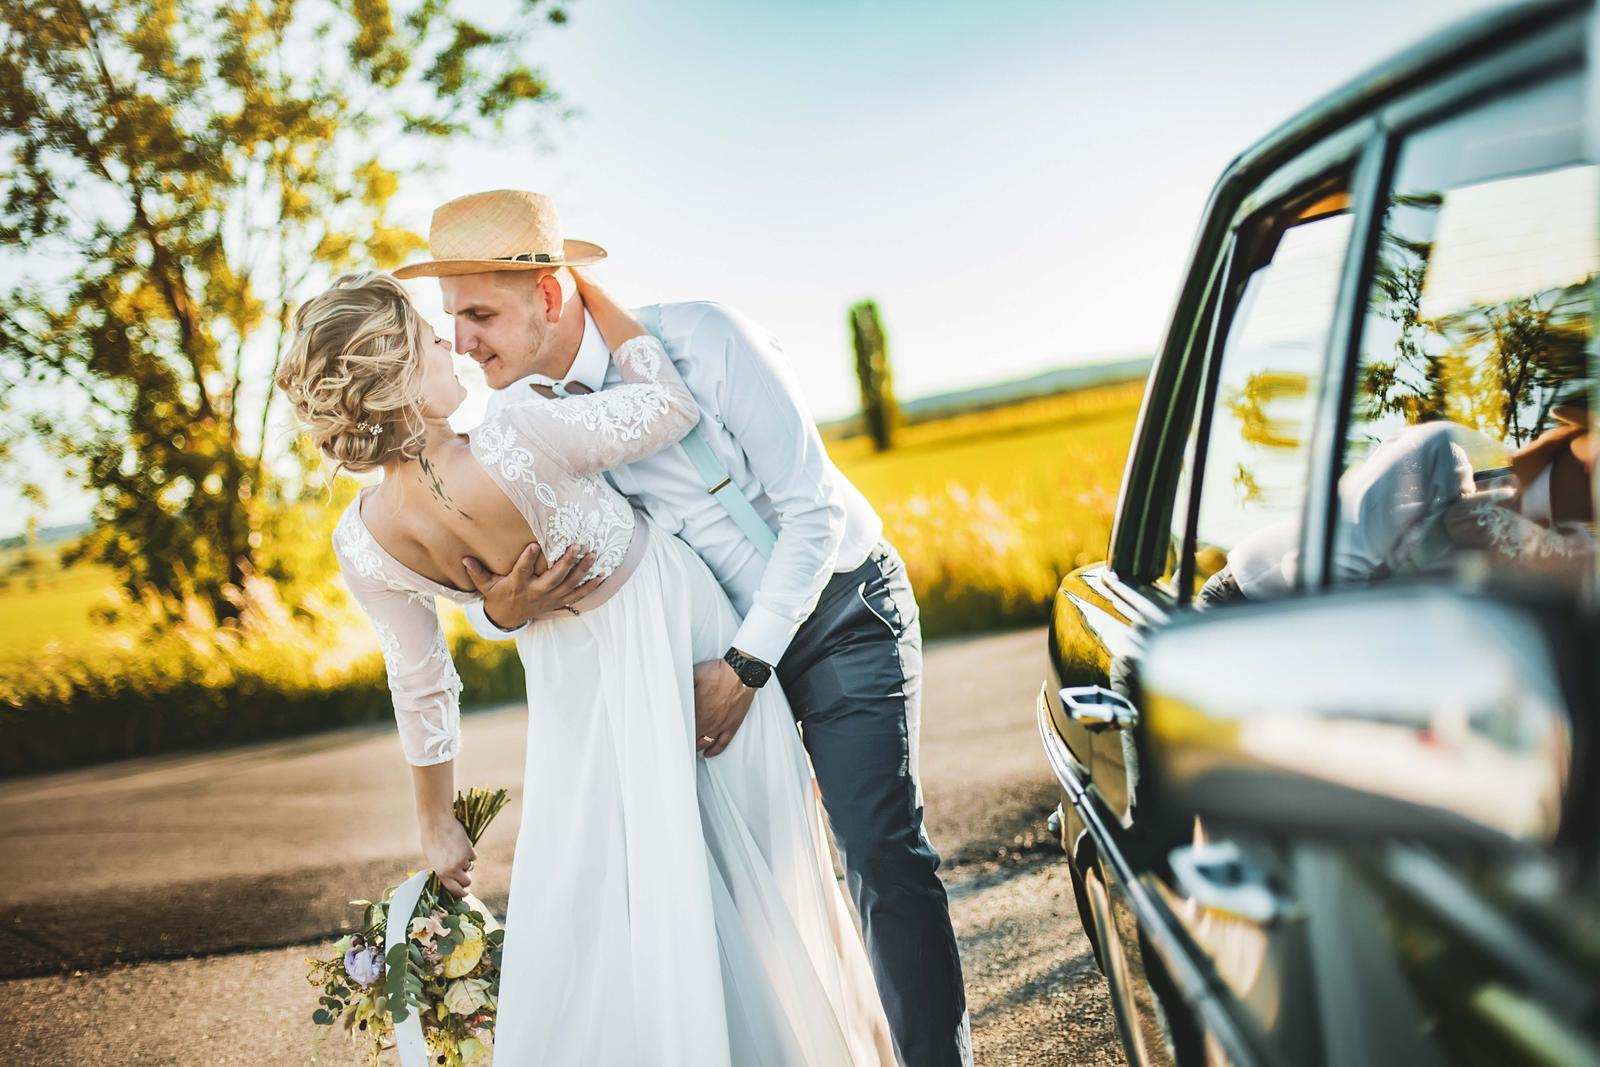 Weddings 👰2019 - Obrázek č. 8